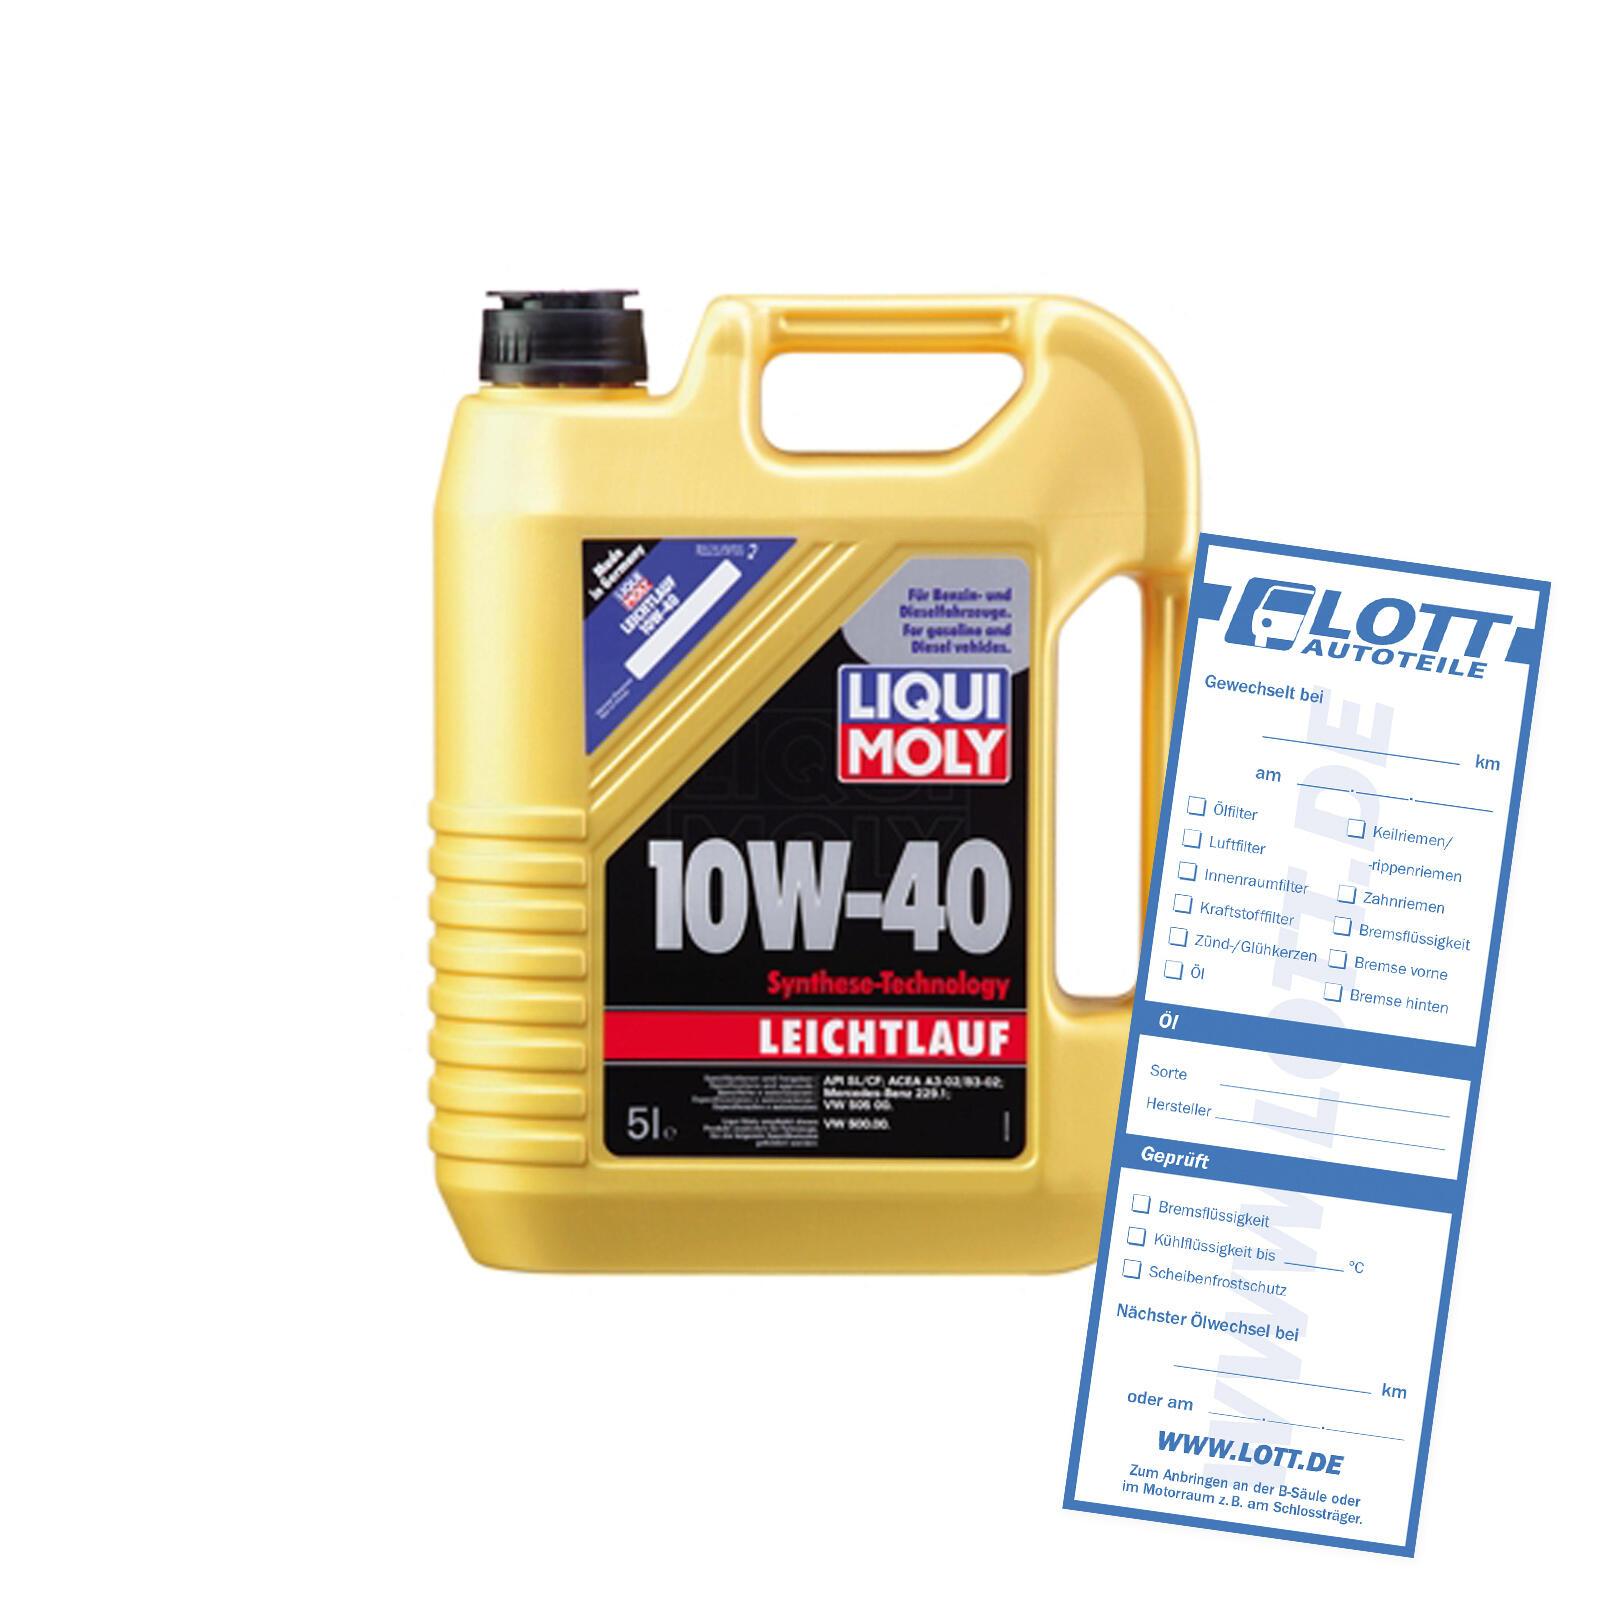 Liqui Moly Leichtlauföl 10W-40 HD 5L